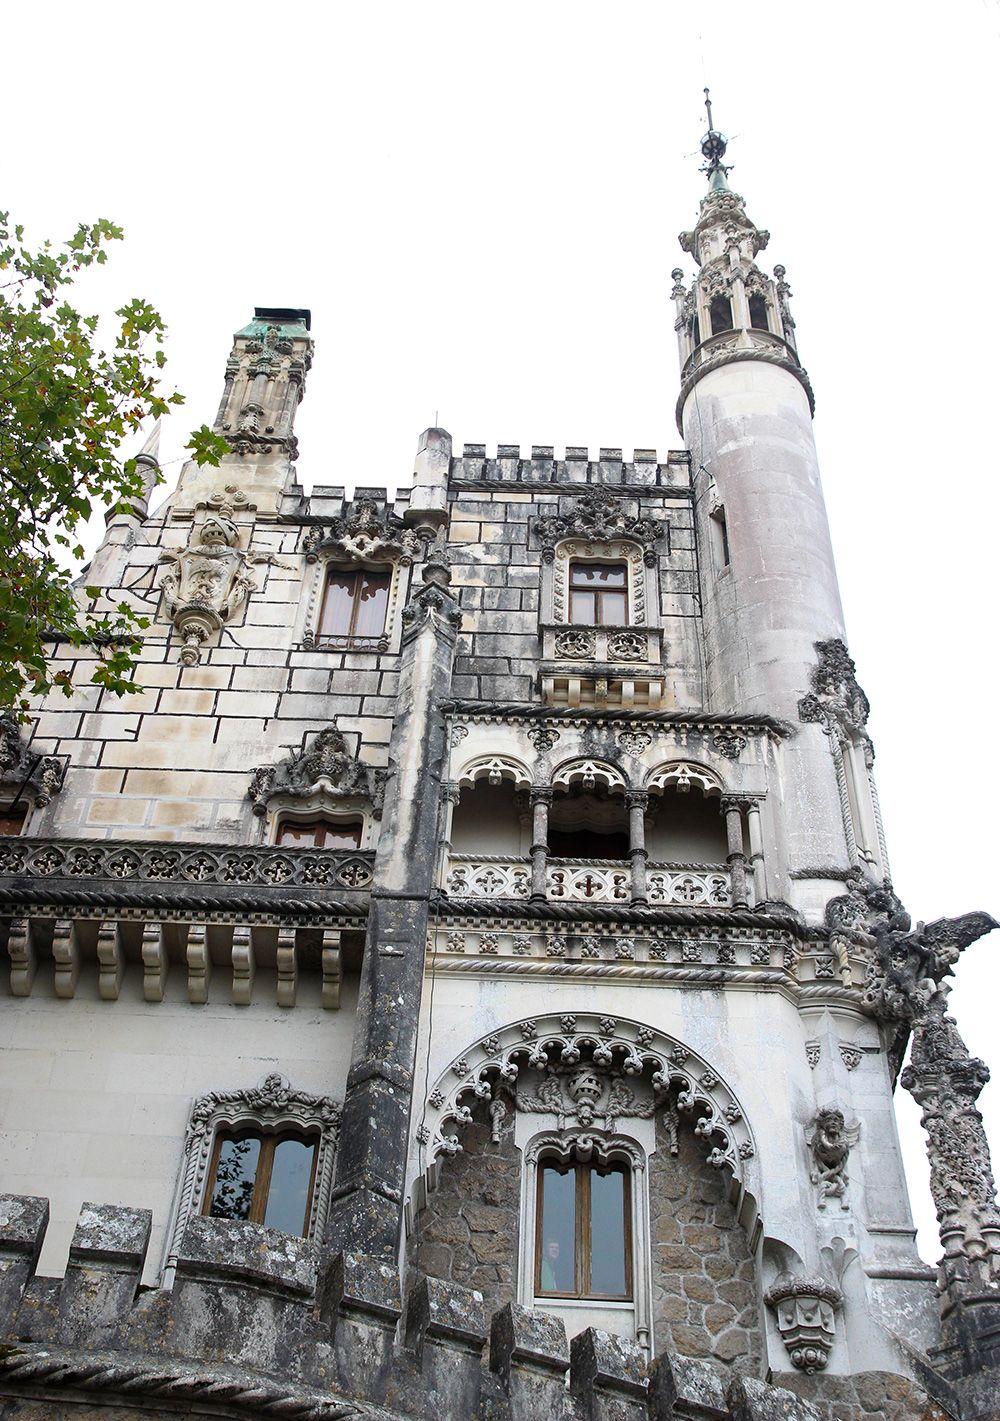 Voici déjà la suite et fin de notrepetit passage à Lisbonne avec troissuperbes lieux qui plairont aux amateurs d'Histoire et de contes de fées. Moi qui adoredécouvrir des châteaux, avoirl'impression magique de voyager dans le temps, je ne m'attendais pas à une telle richesse dans ce type de patrimoine au Portugal – peut-être par manqueLire la suite…